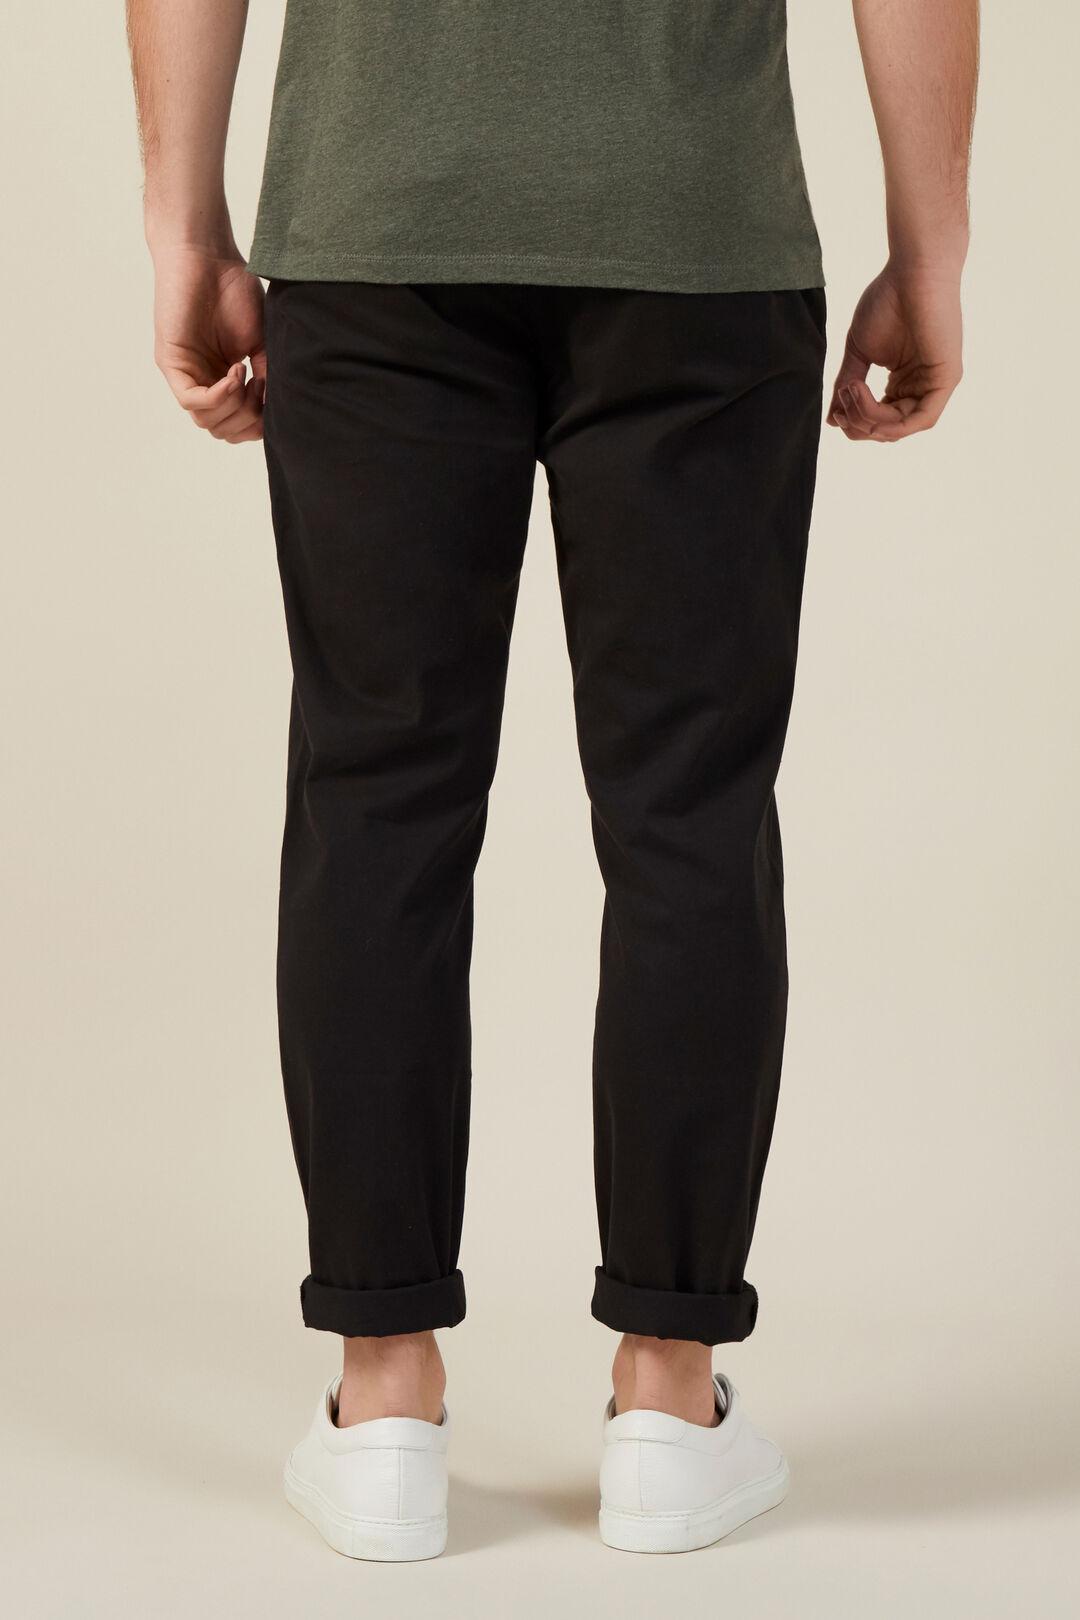 REGULAR FIT CHINO PANT  BLACK  hi-res